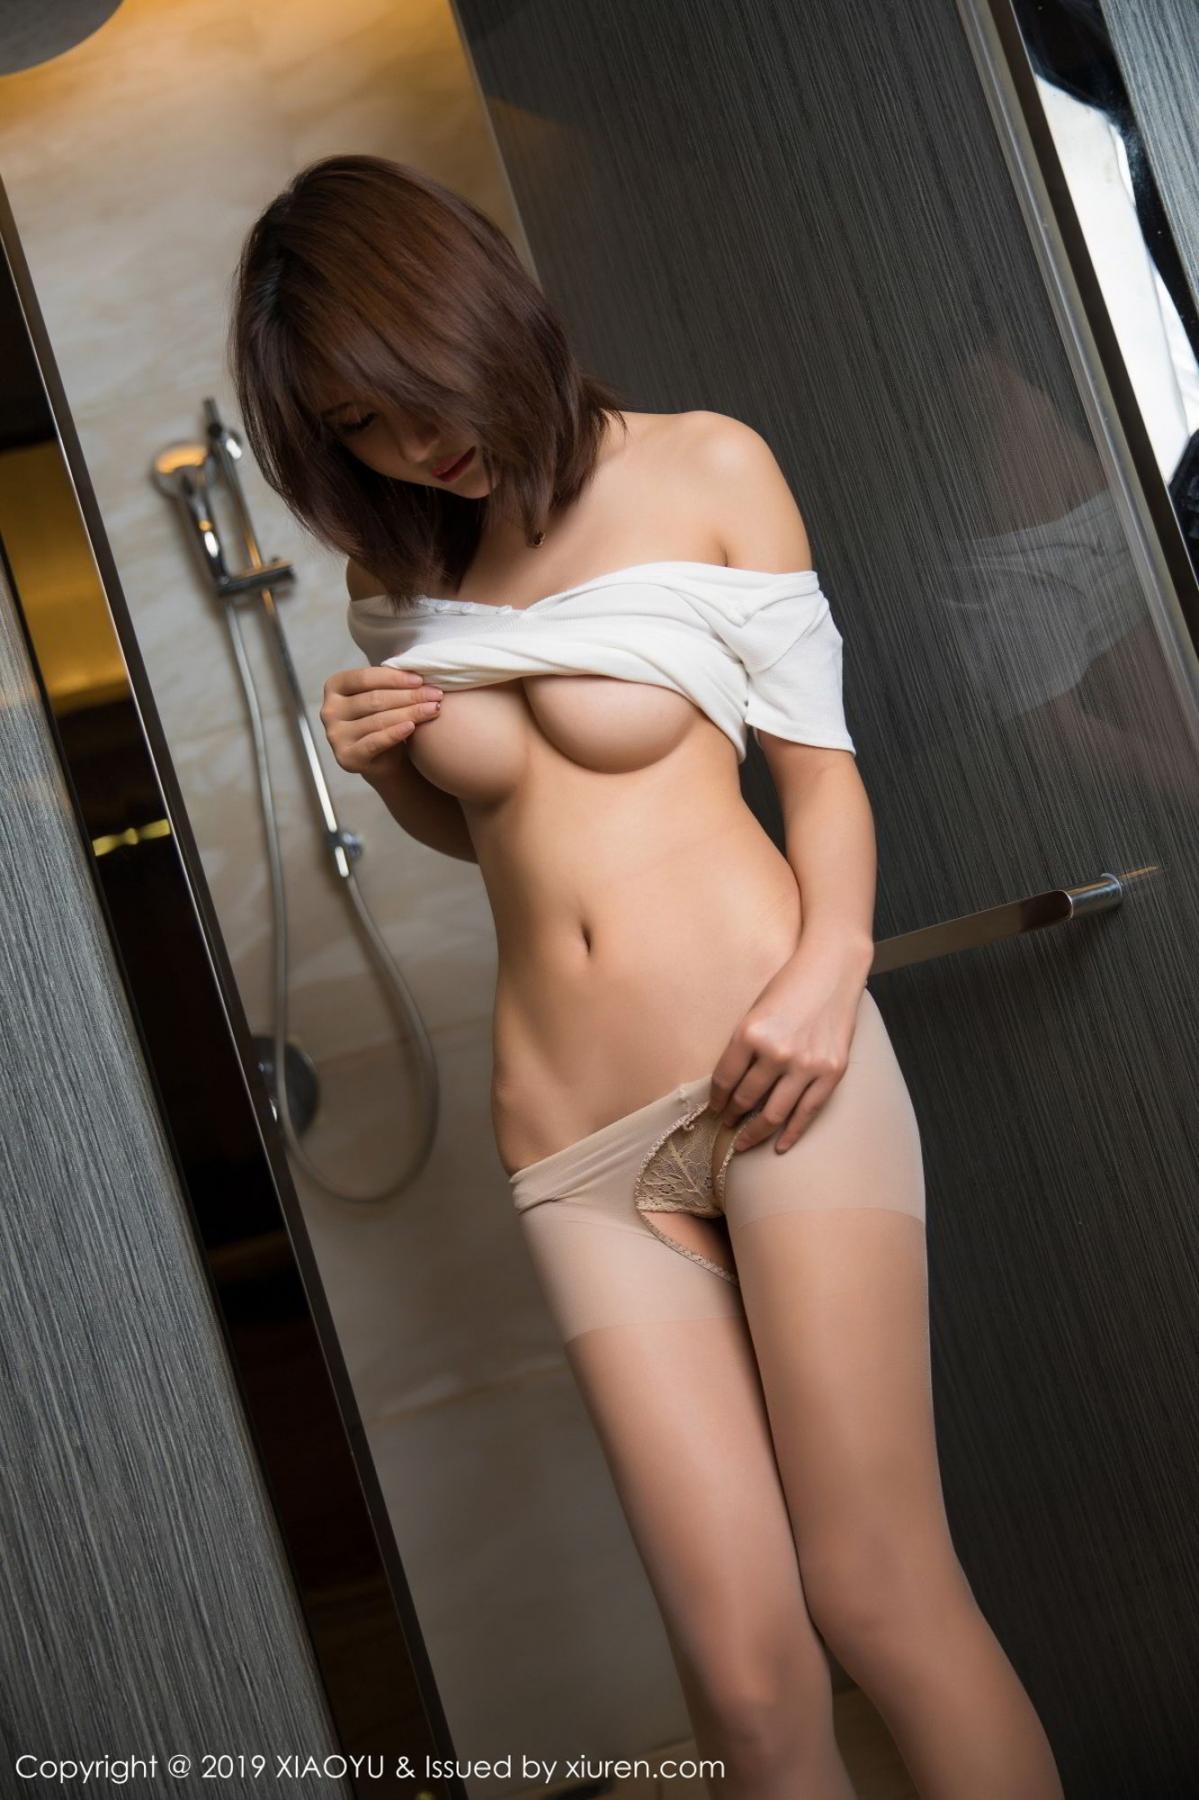 [XiaoYu] Vol.112 Solo Yi Fei 55P, Solo Yi Fei, Underwear, XiaoYu